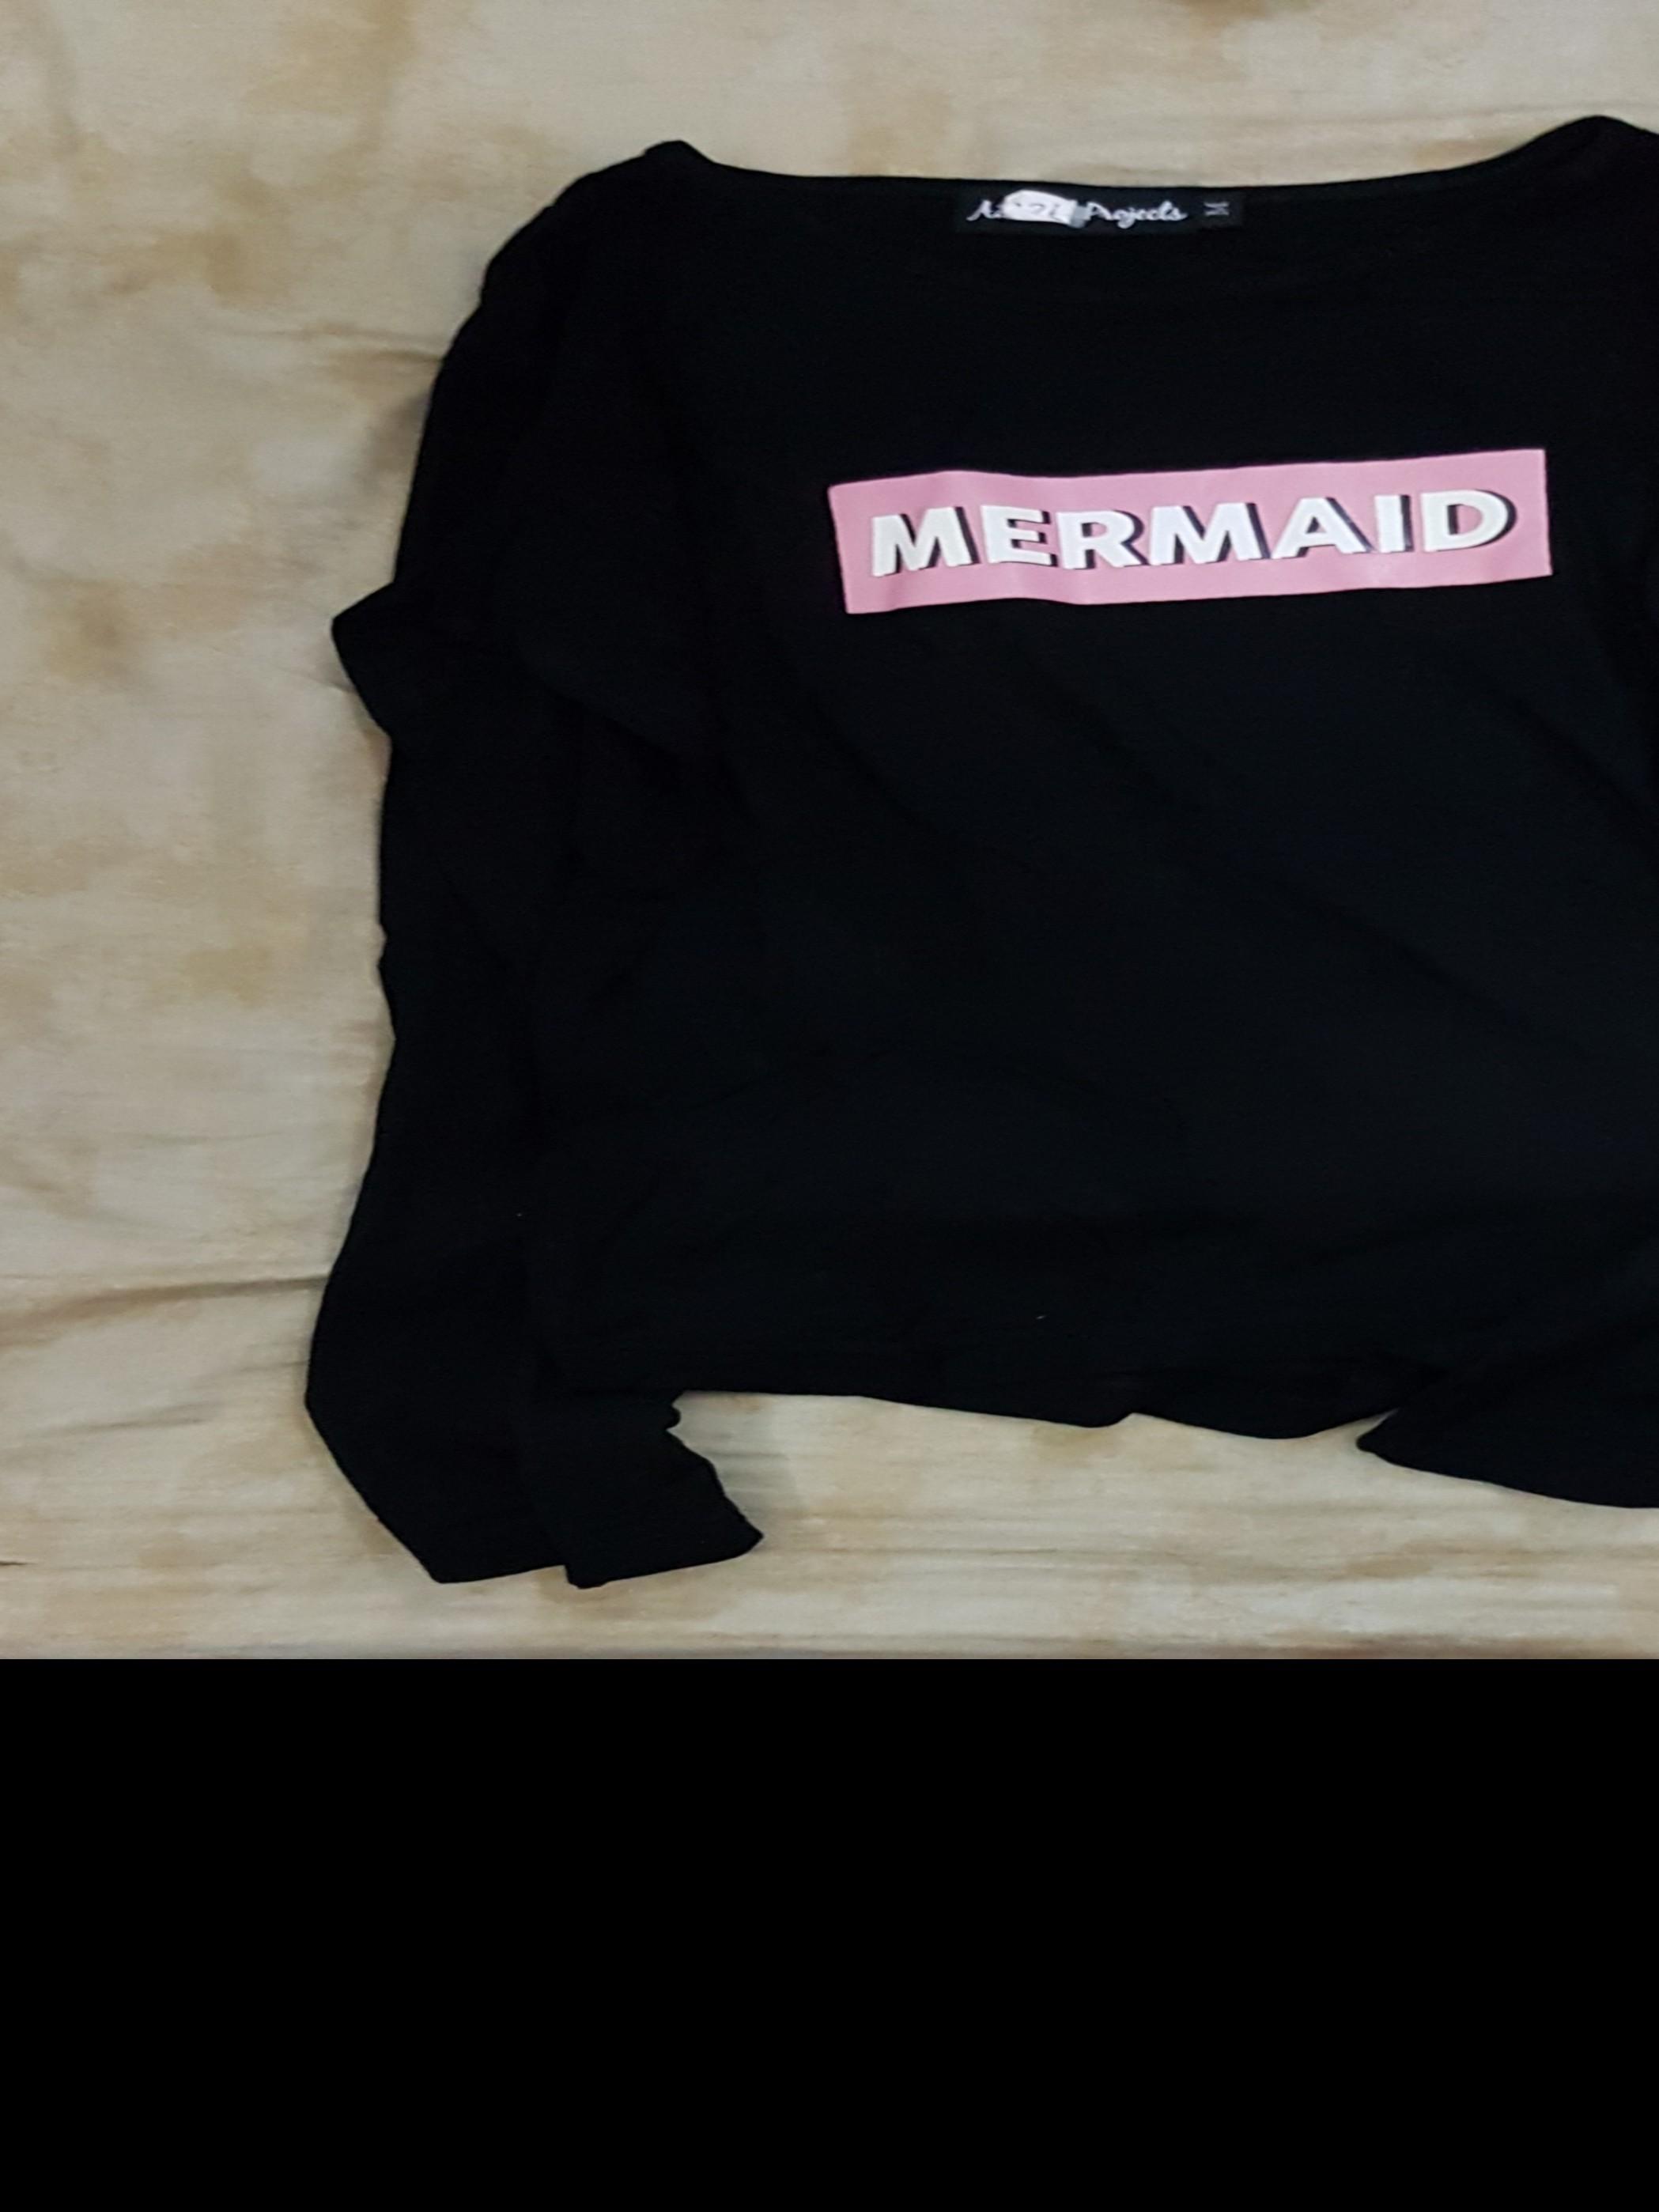 mermaid bell sleeve top